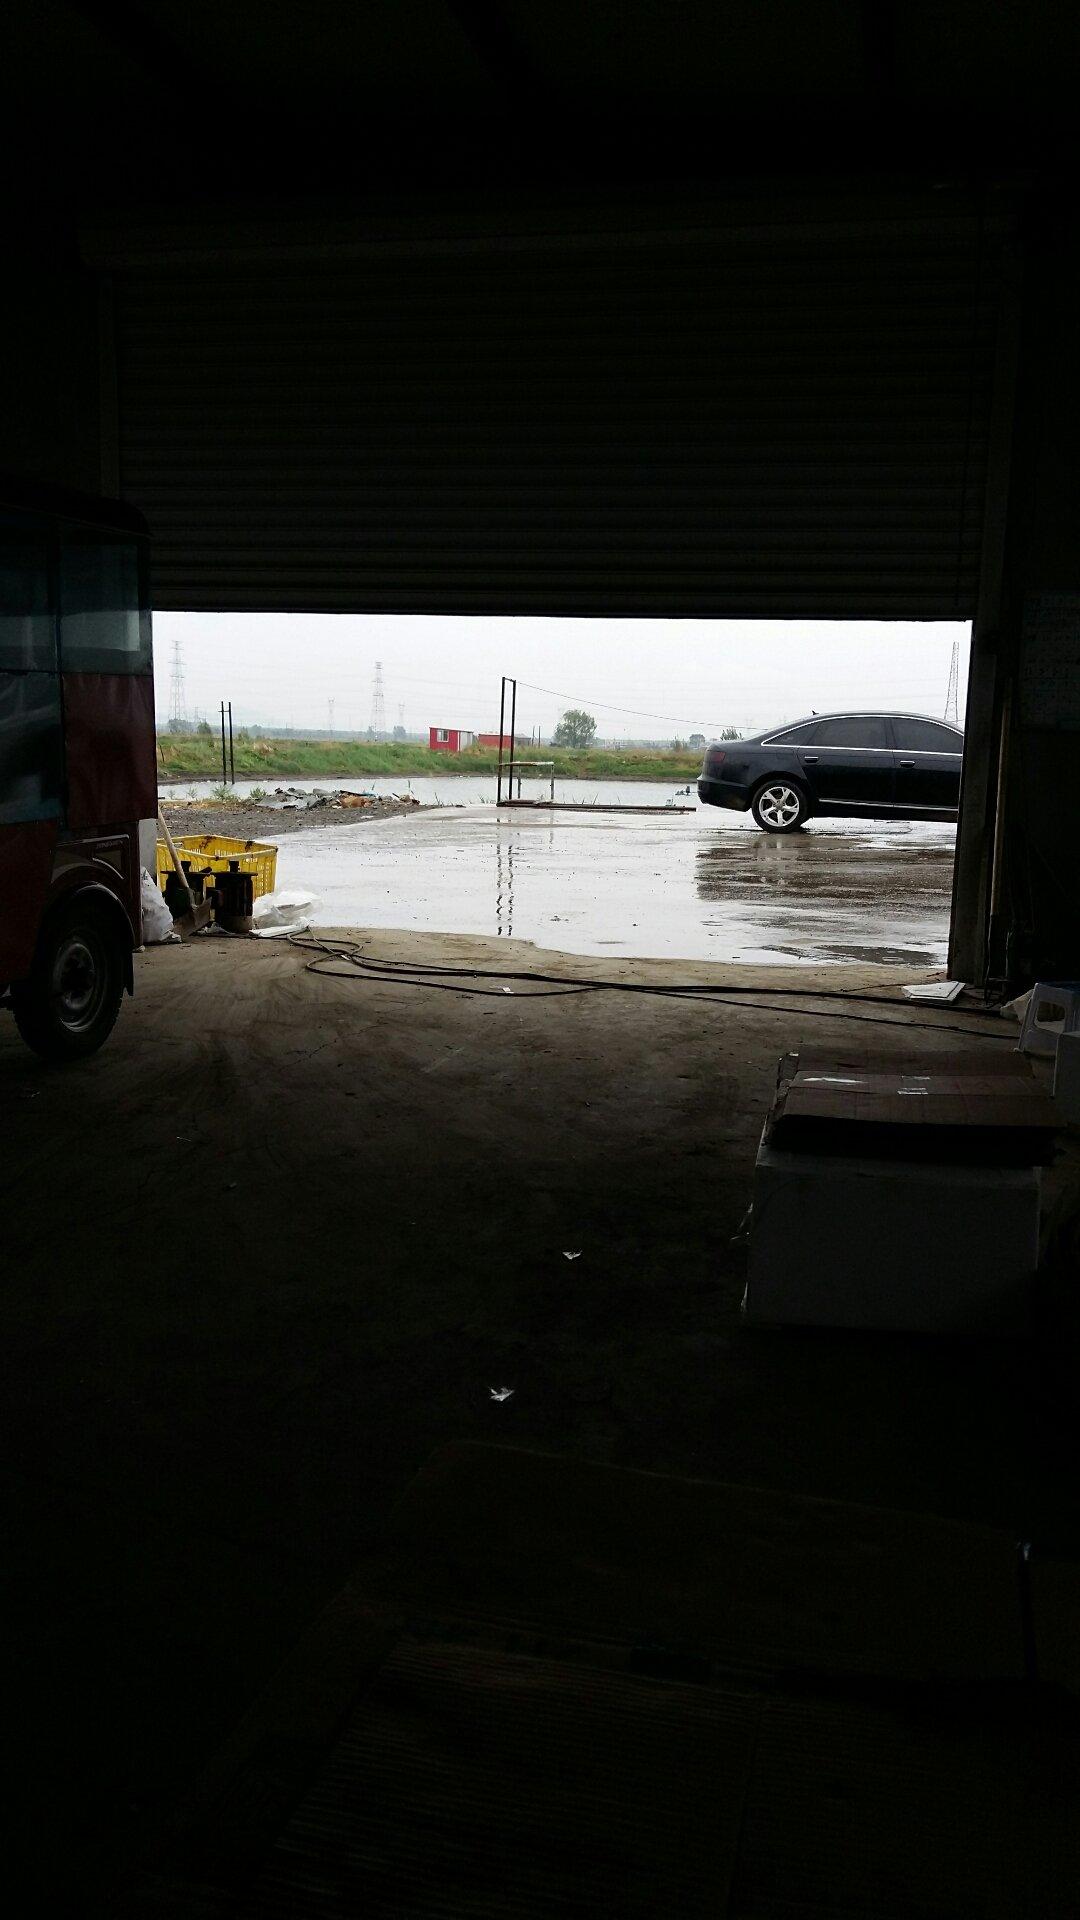 辽宁省营口市老边区G15沈海高速靠近营口市老边区柳树镇中学天气预报